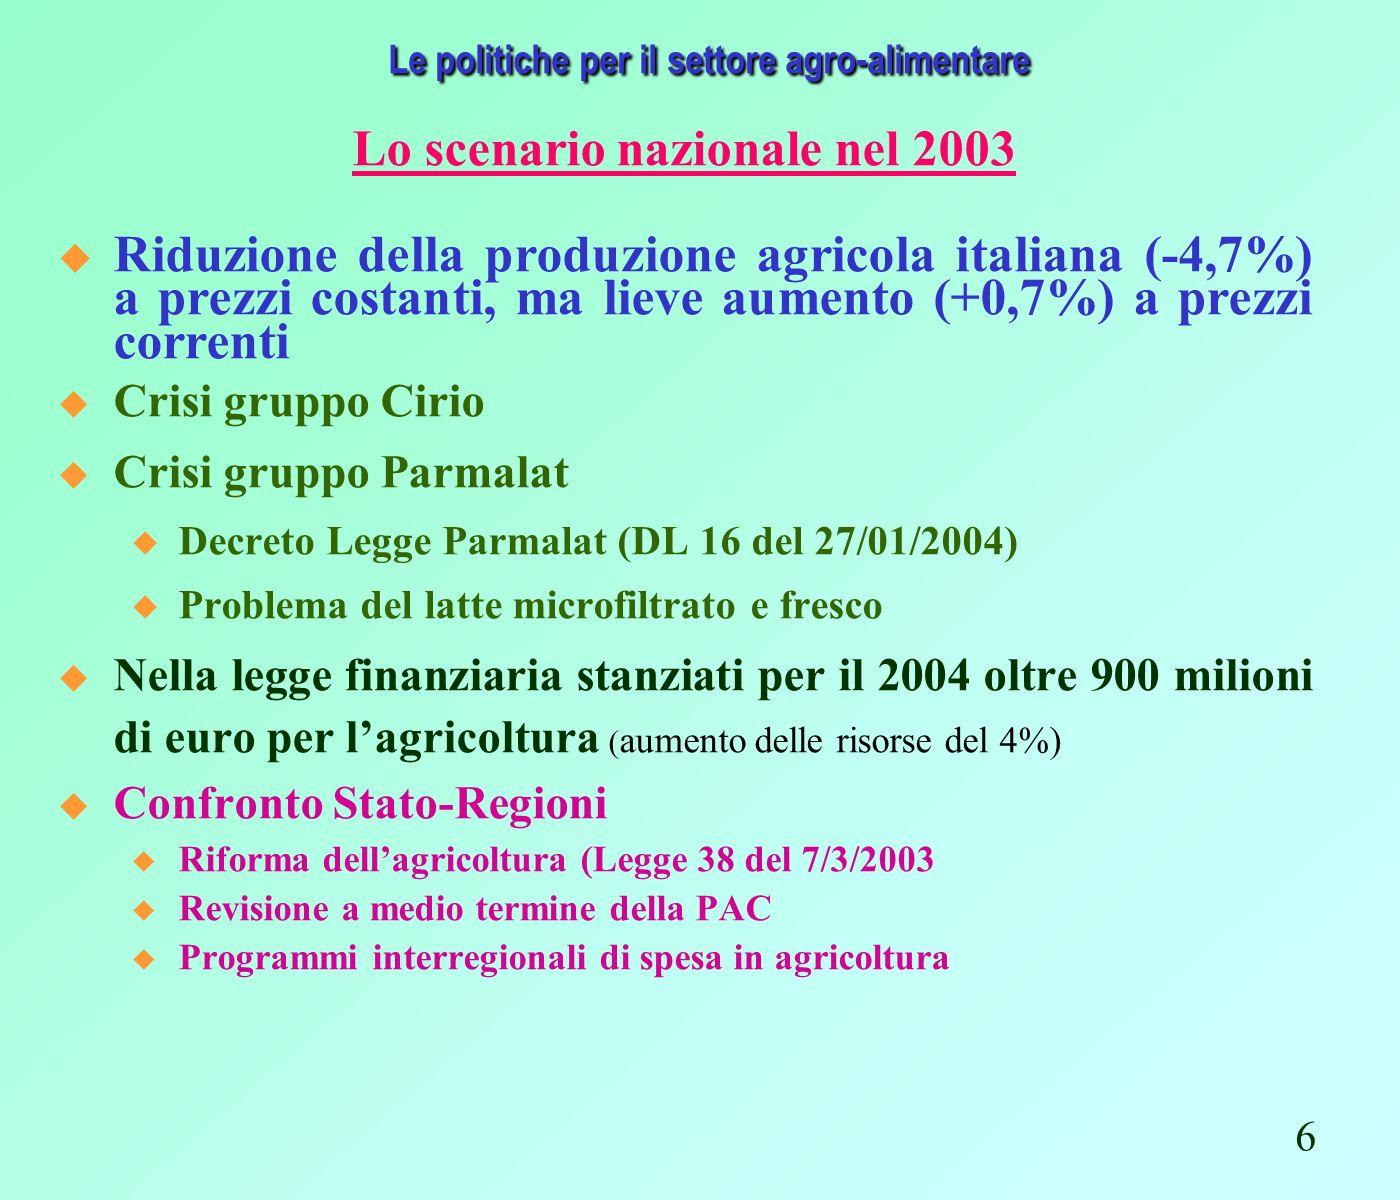 I fatti salienti dellannata agraria 2003 I fatti salienti dellannata agraria 2003 Produzione lorda vendibile in Emilia-Romagna nel 2003 PLV pari a 3.948,57 milioni di euro (+7%) Produzione agricola condizionata dalle condizioni meteorologiche Recupero rispetto al 2002, ma non ai livelli del 2001 Forti incrementi di prezzi nel settore vegetale e tenuta dei livelli produttivi nel settore zootecnico 7